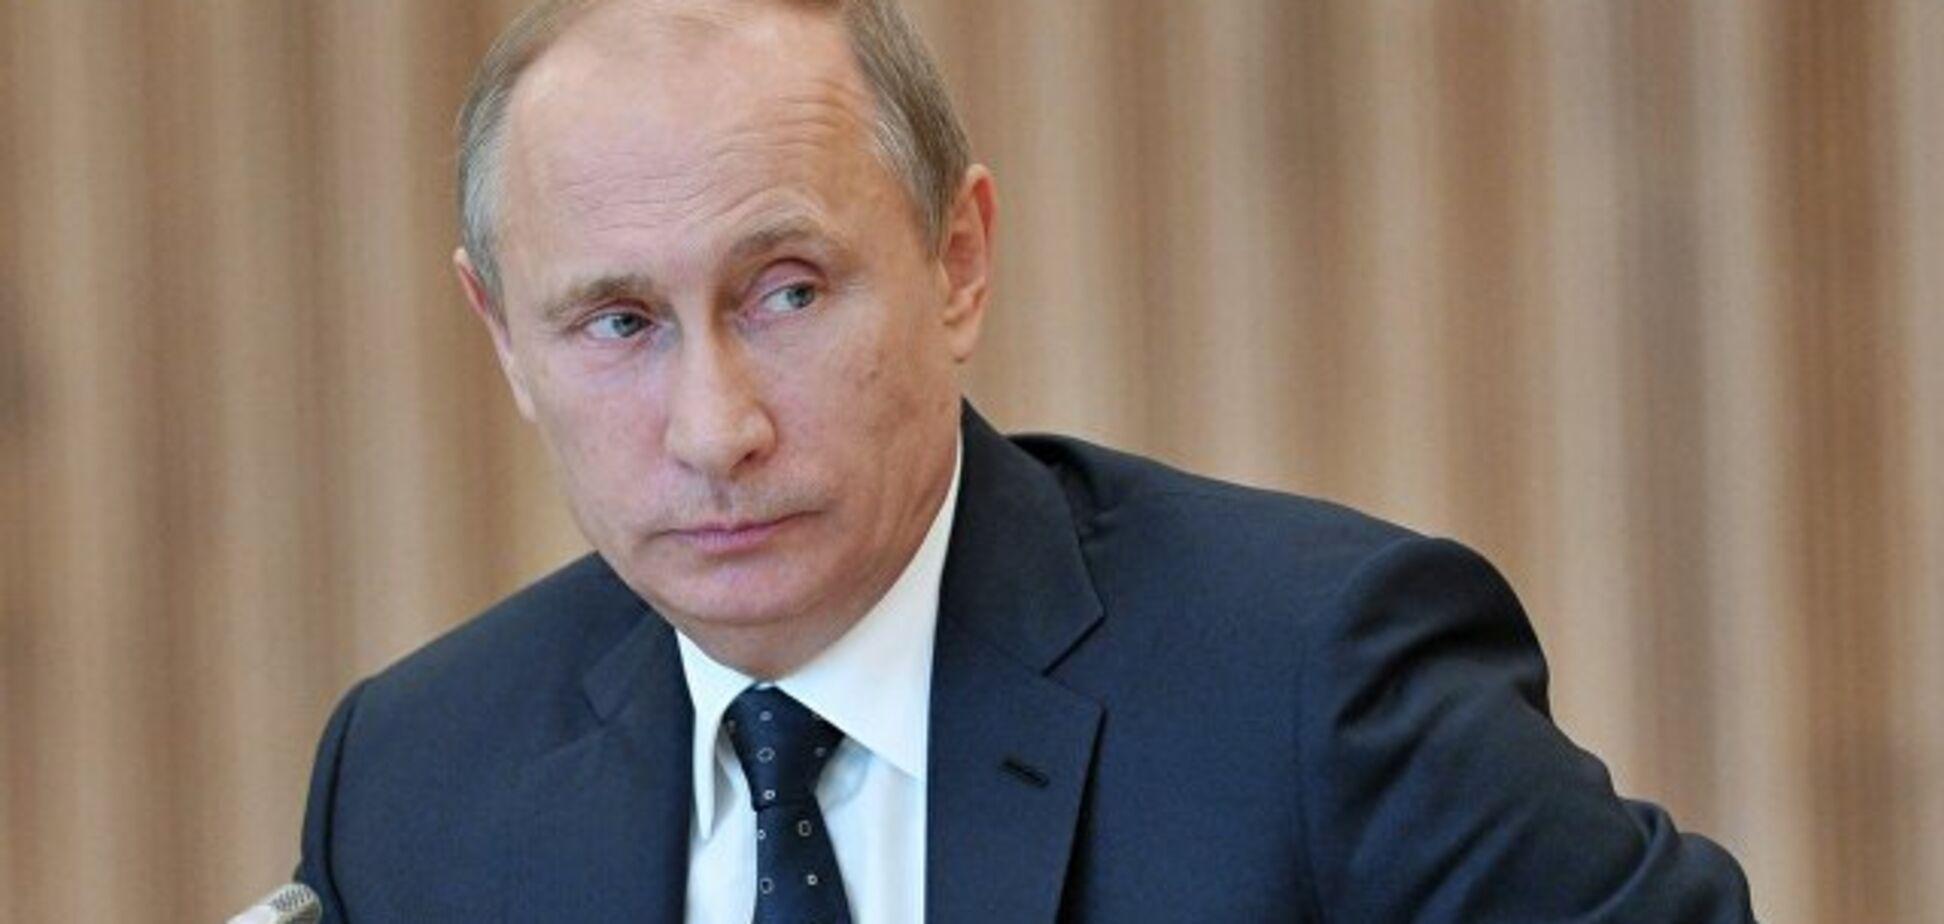 ''Донбасс - это Украина'': Медведчук прояснил позицию Путина по ''Д/ЛНР''